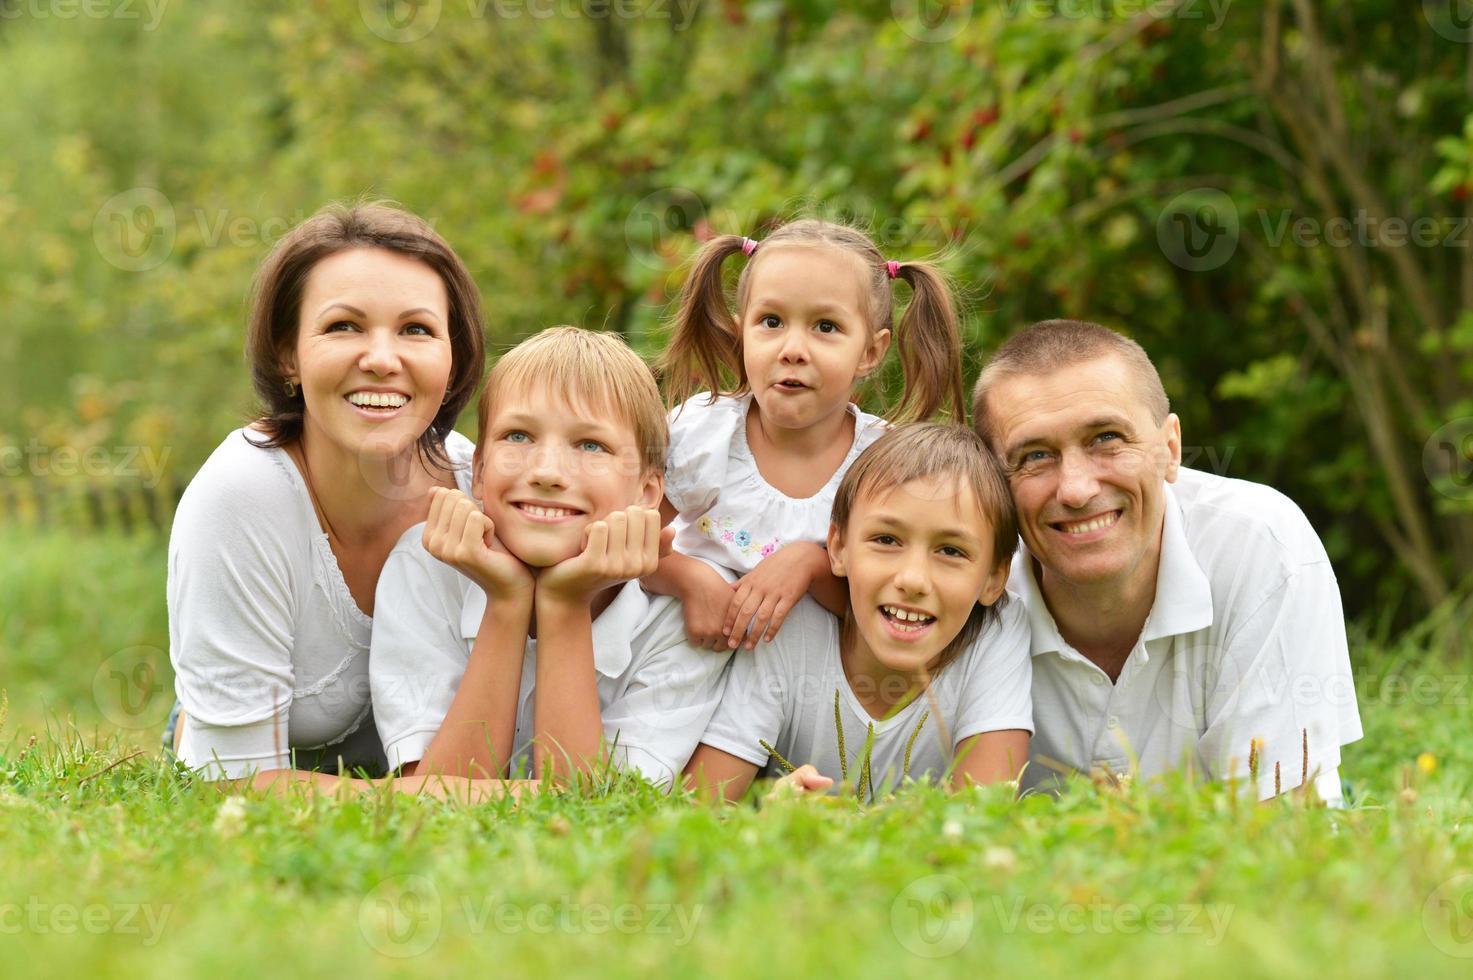 fünfköpfige Familie liegend foto